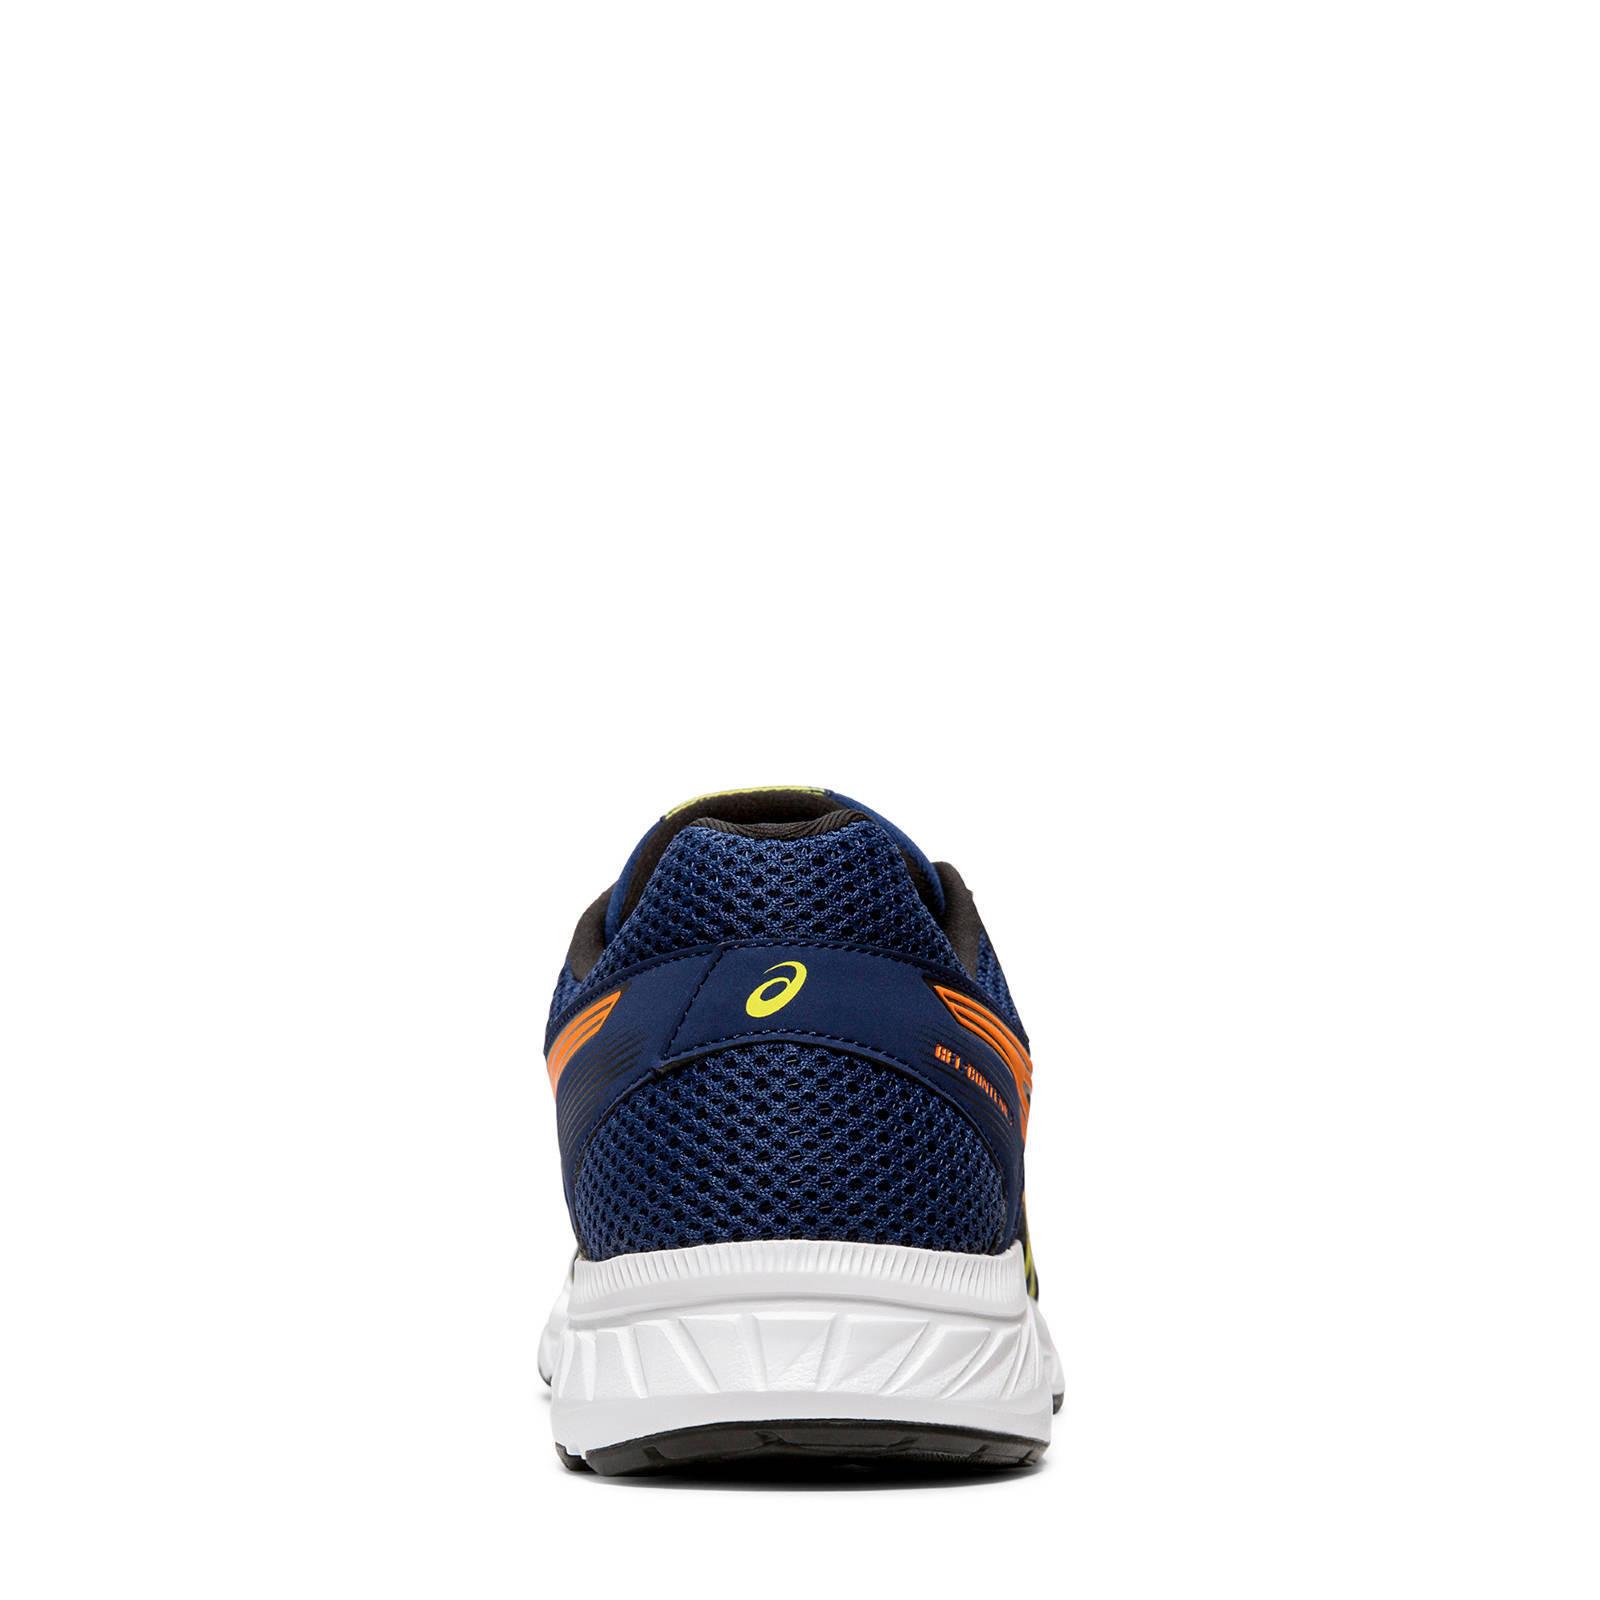 Gel contend 5 hardloopschoenen donkerblauw